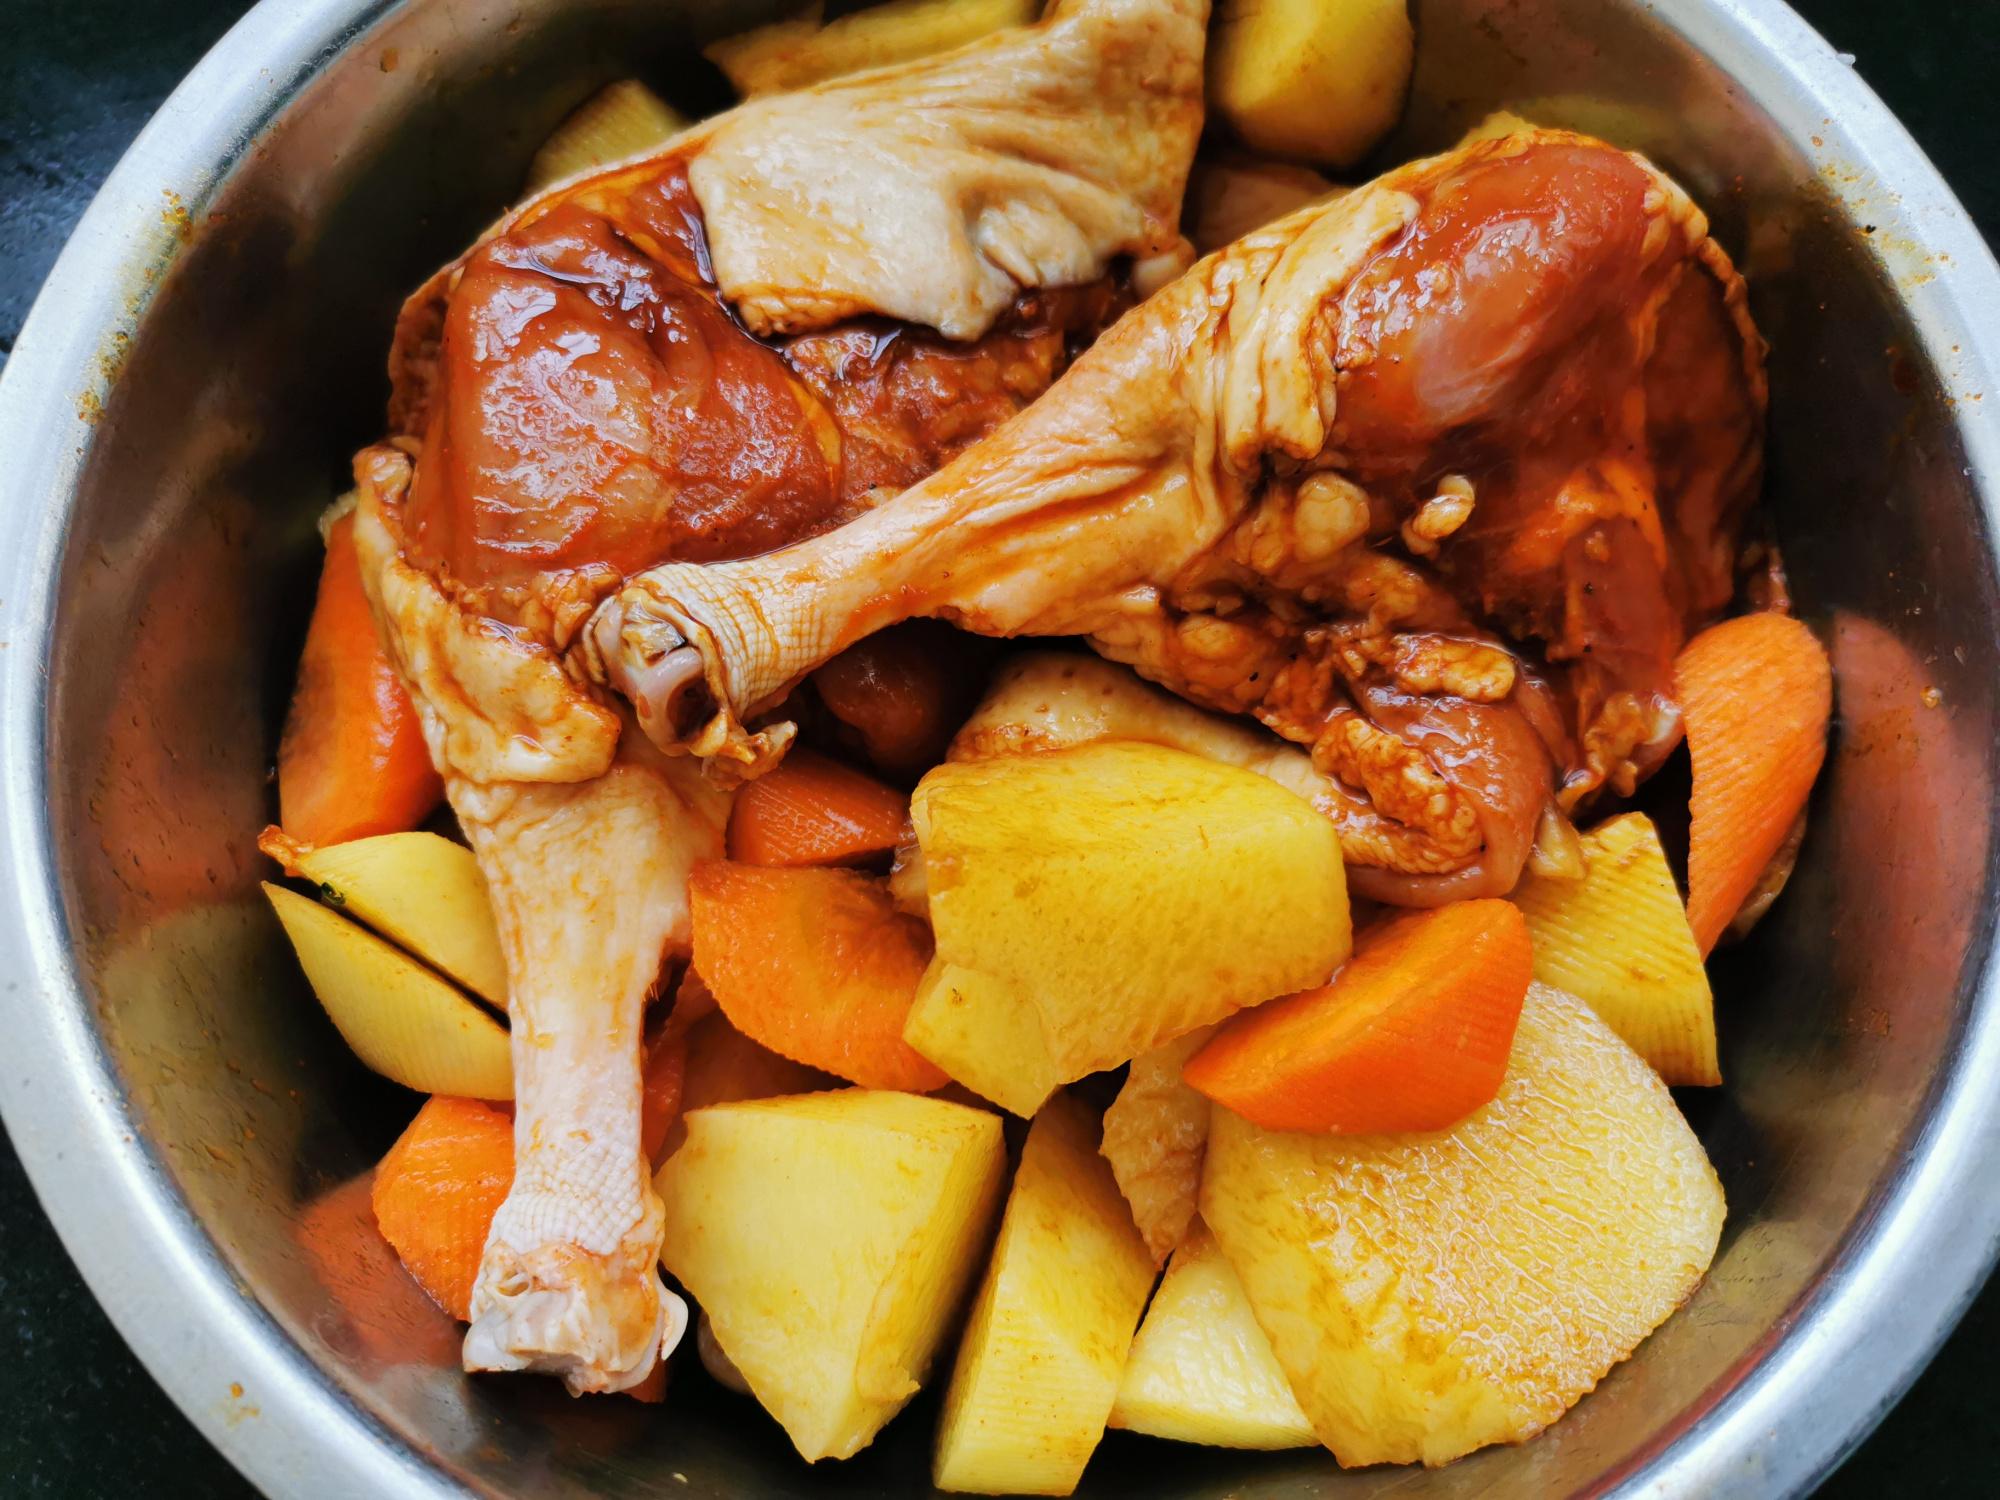 家有烤箱别闲置,荤素烤一盘,一家三口吃到撑,想学不会都难